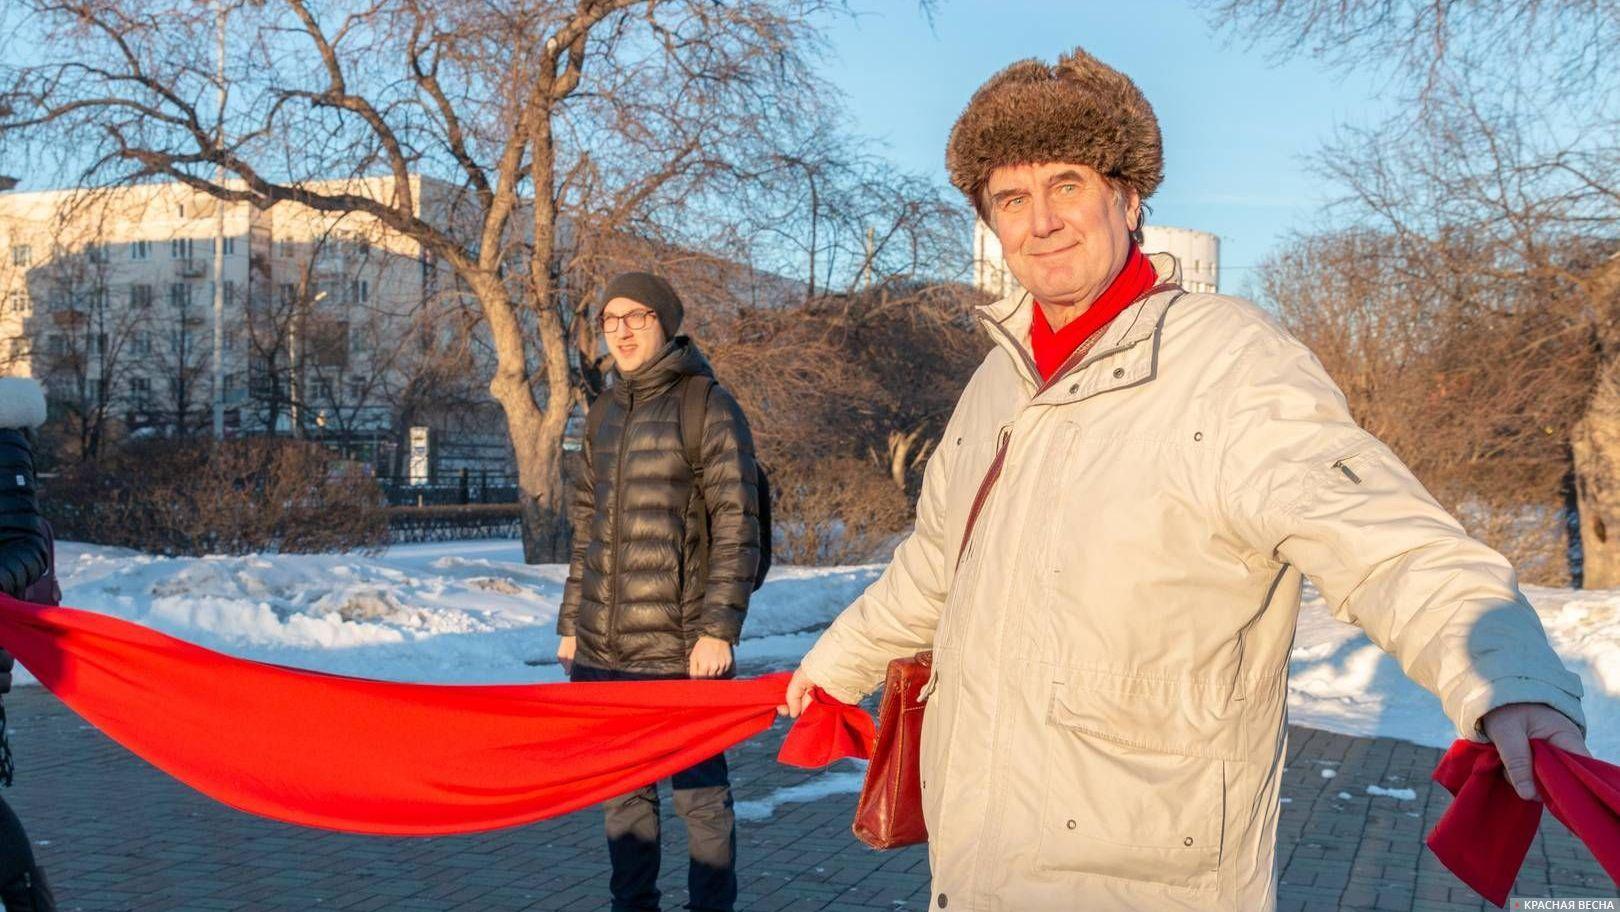 Акция «Защита Свердлова». Екатеринбург. 16.03.2019